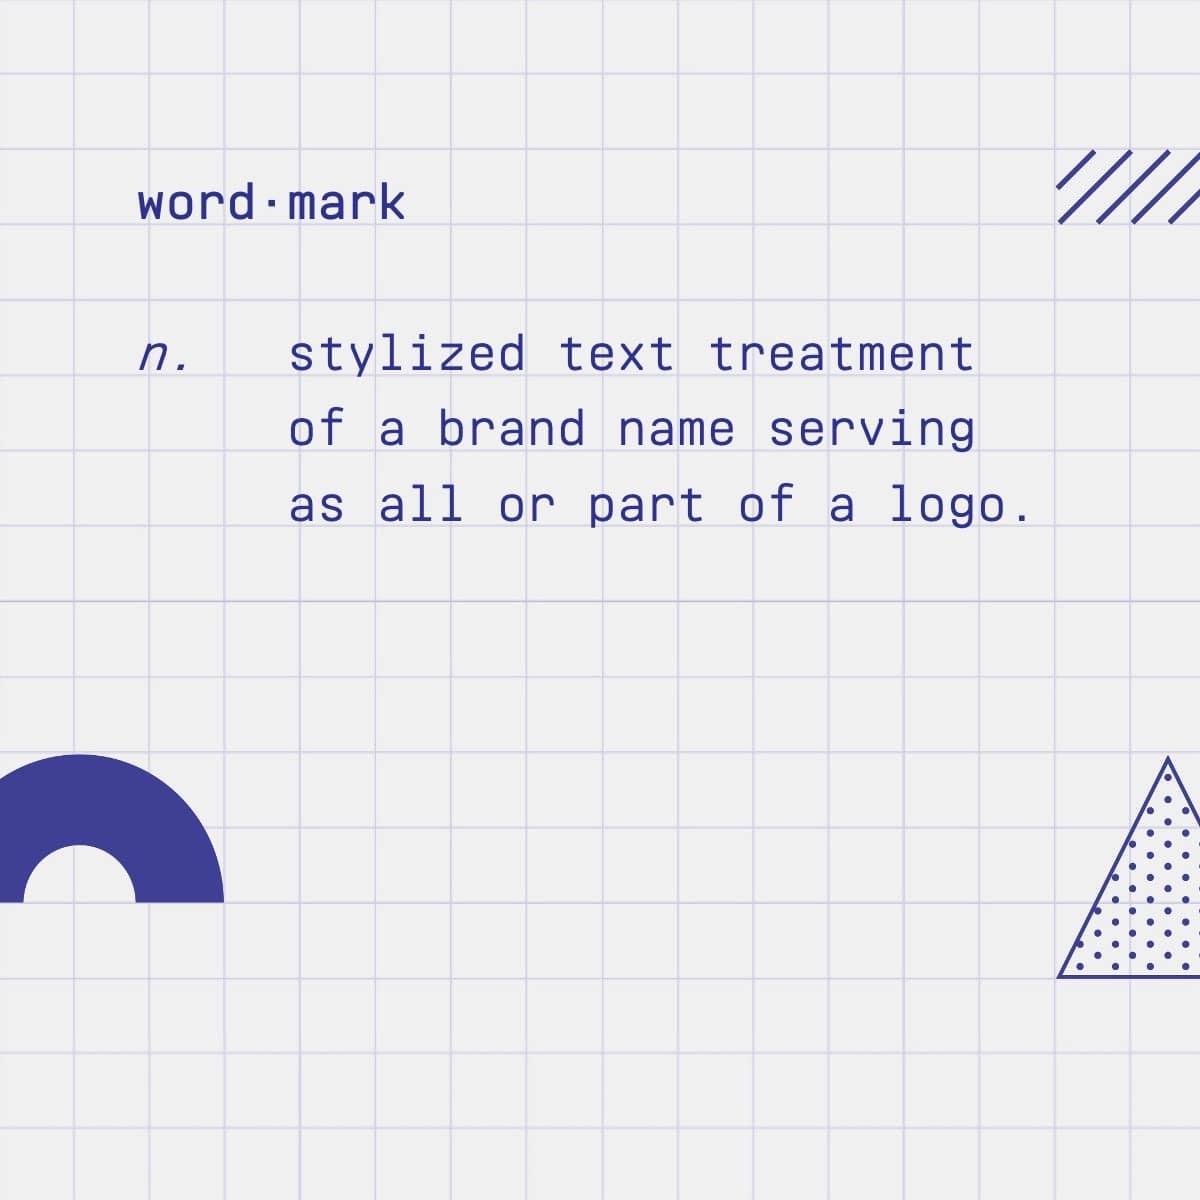 Wordmark definition